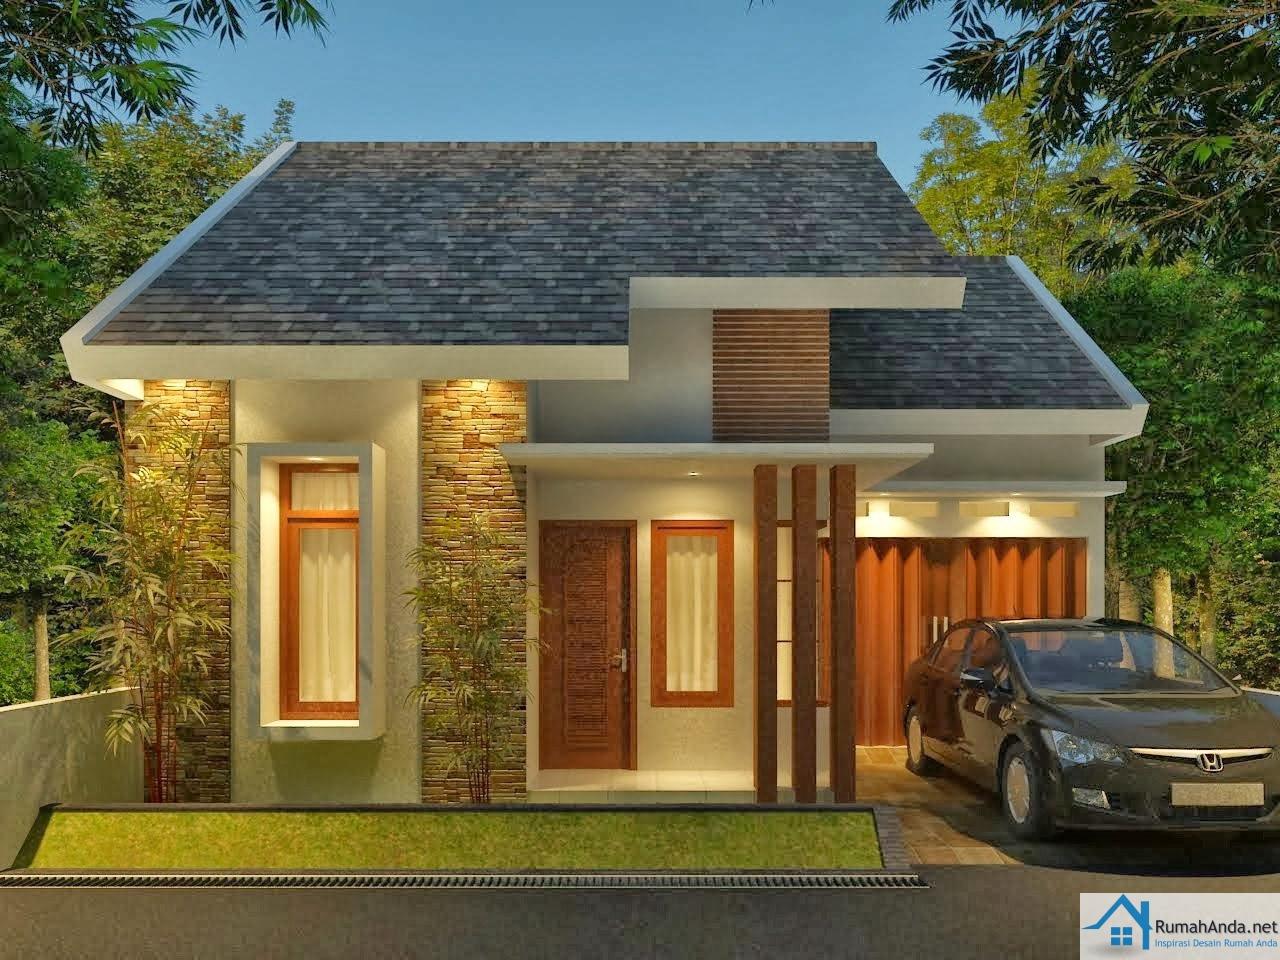 60 Desain Rumah Minimalis Modern 1 Lantai Desain Rumah Minimalis